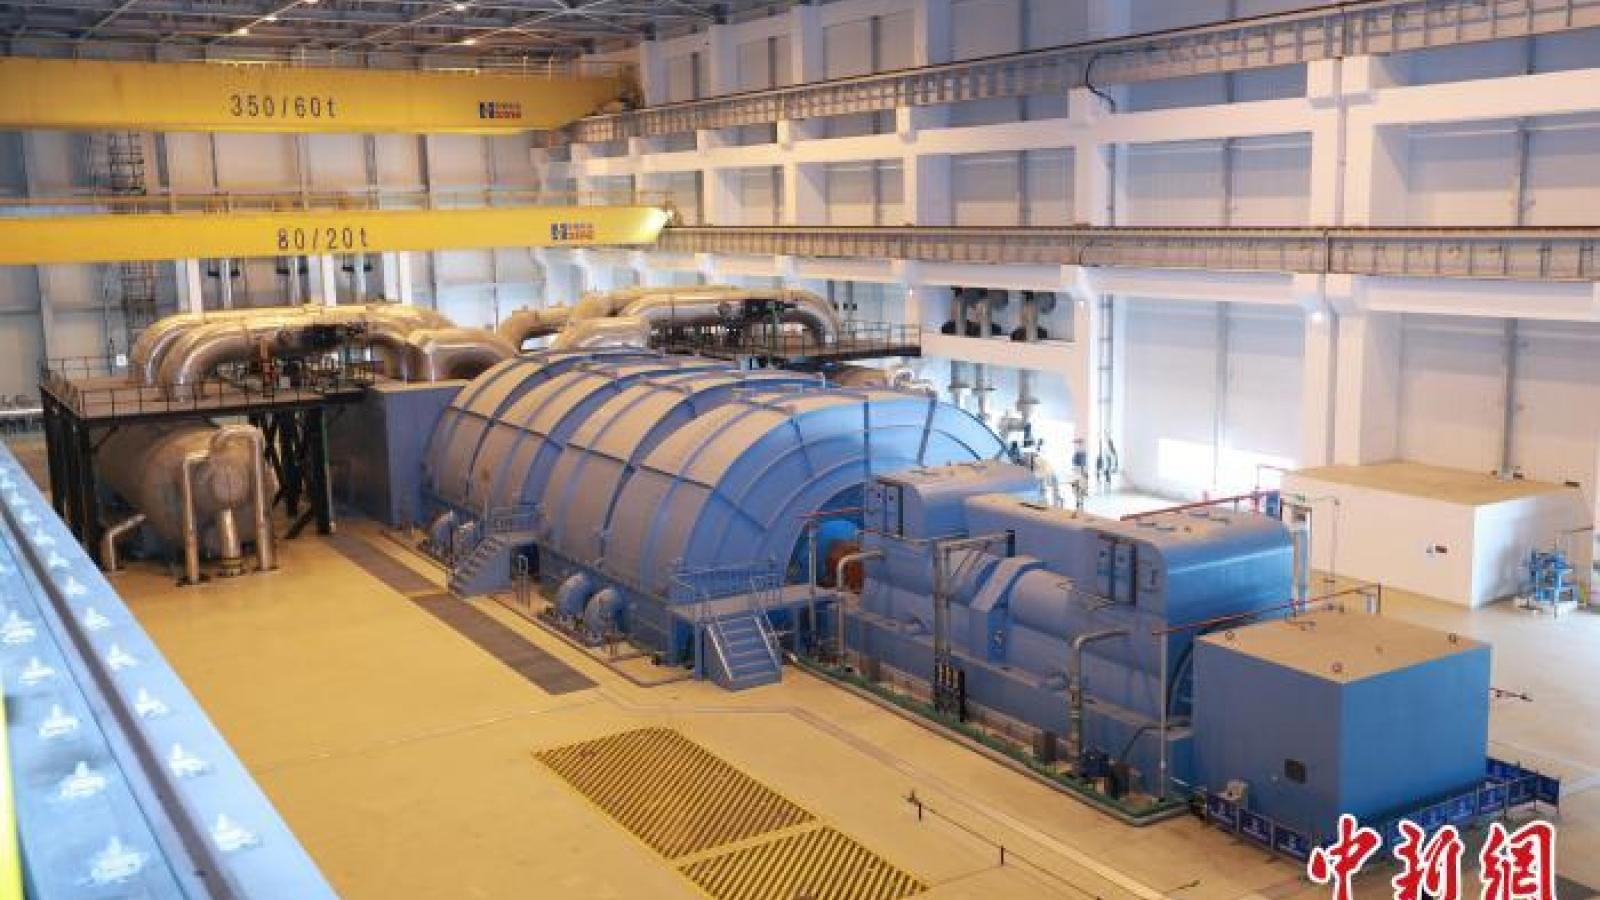 Trung Quốc chính thức trở thành quốc gia có công nghệ điện hạt nhân hiện đại